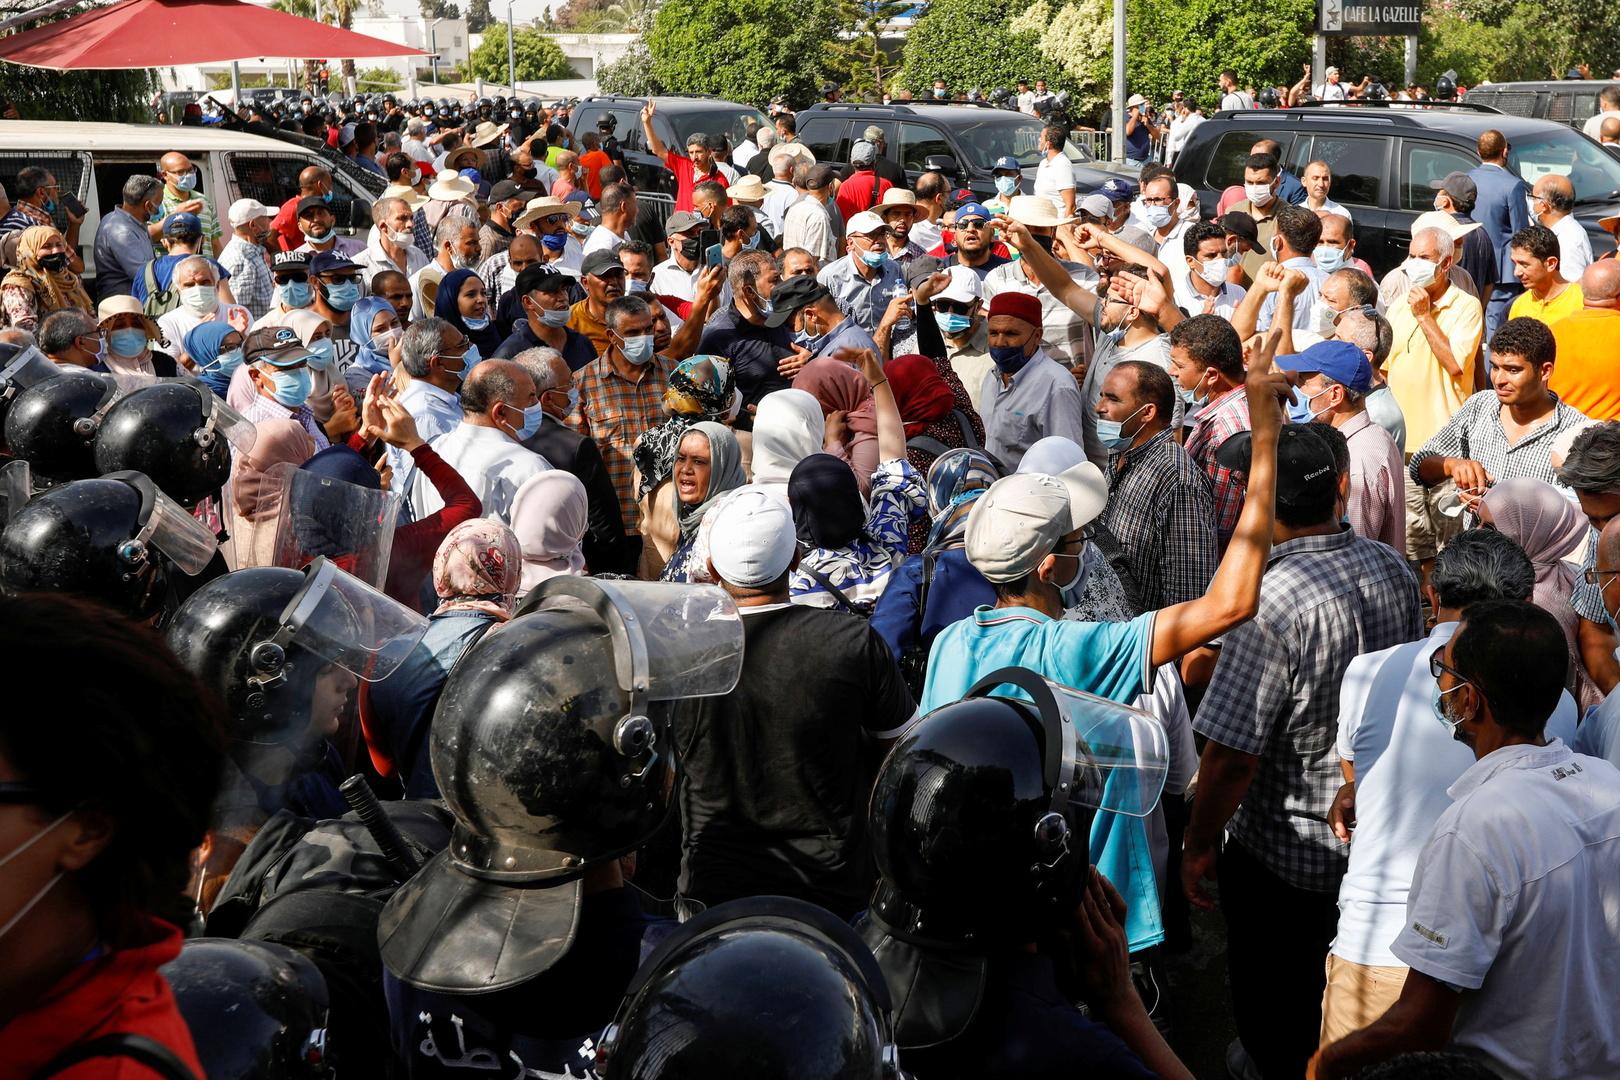 مناوشات بين أنصار الرئيس التونسي وأنصار حركة